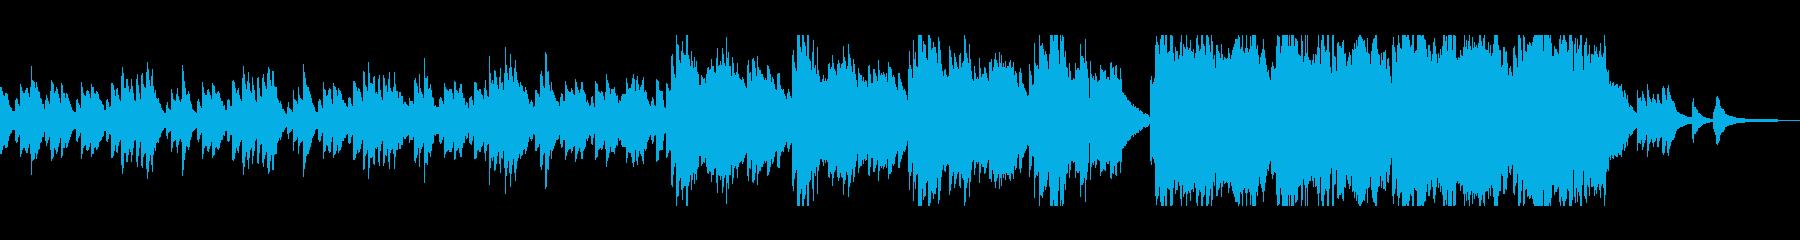 癒し系で感動的な静かなバラードの再生済みの波形